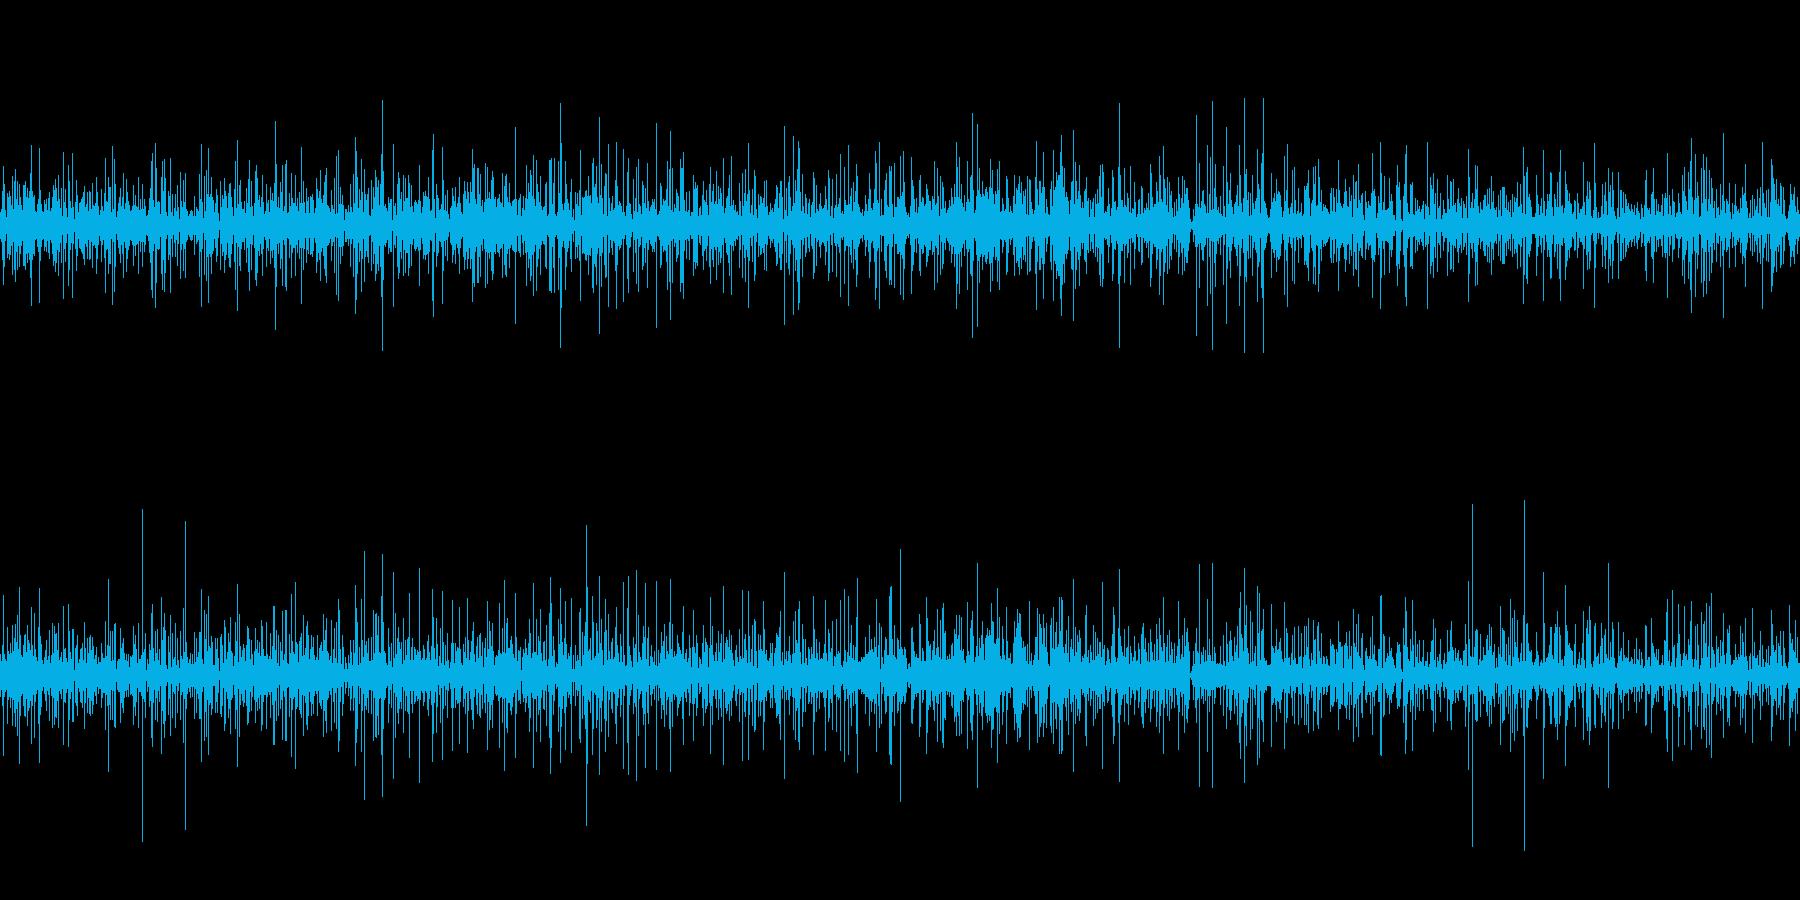 ムードノイズ「ポコポコ」抽象的、分子世界の再生済みの波形